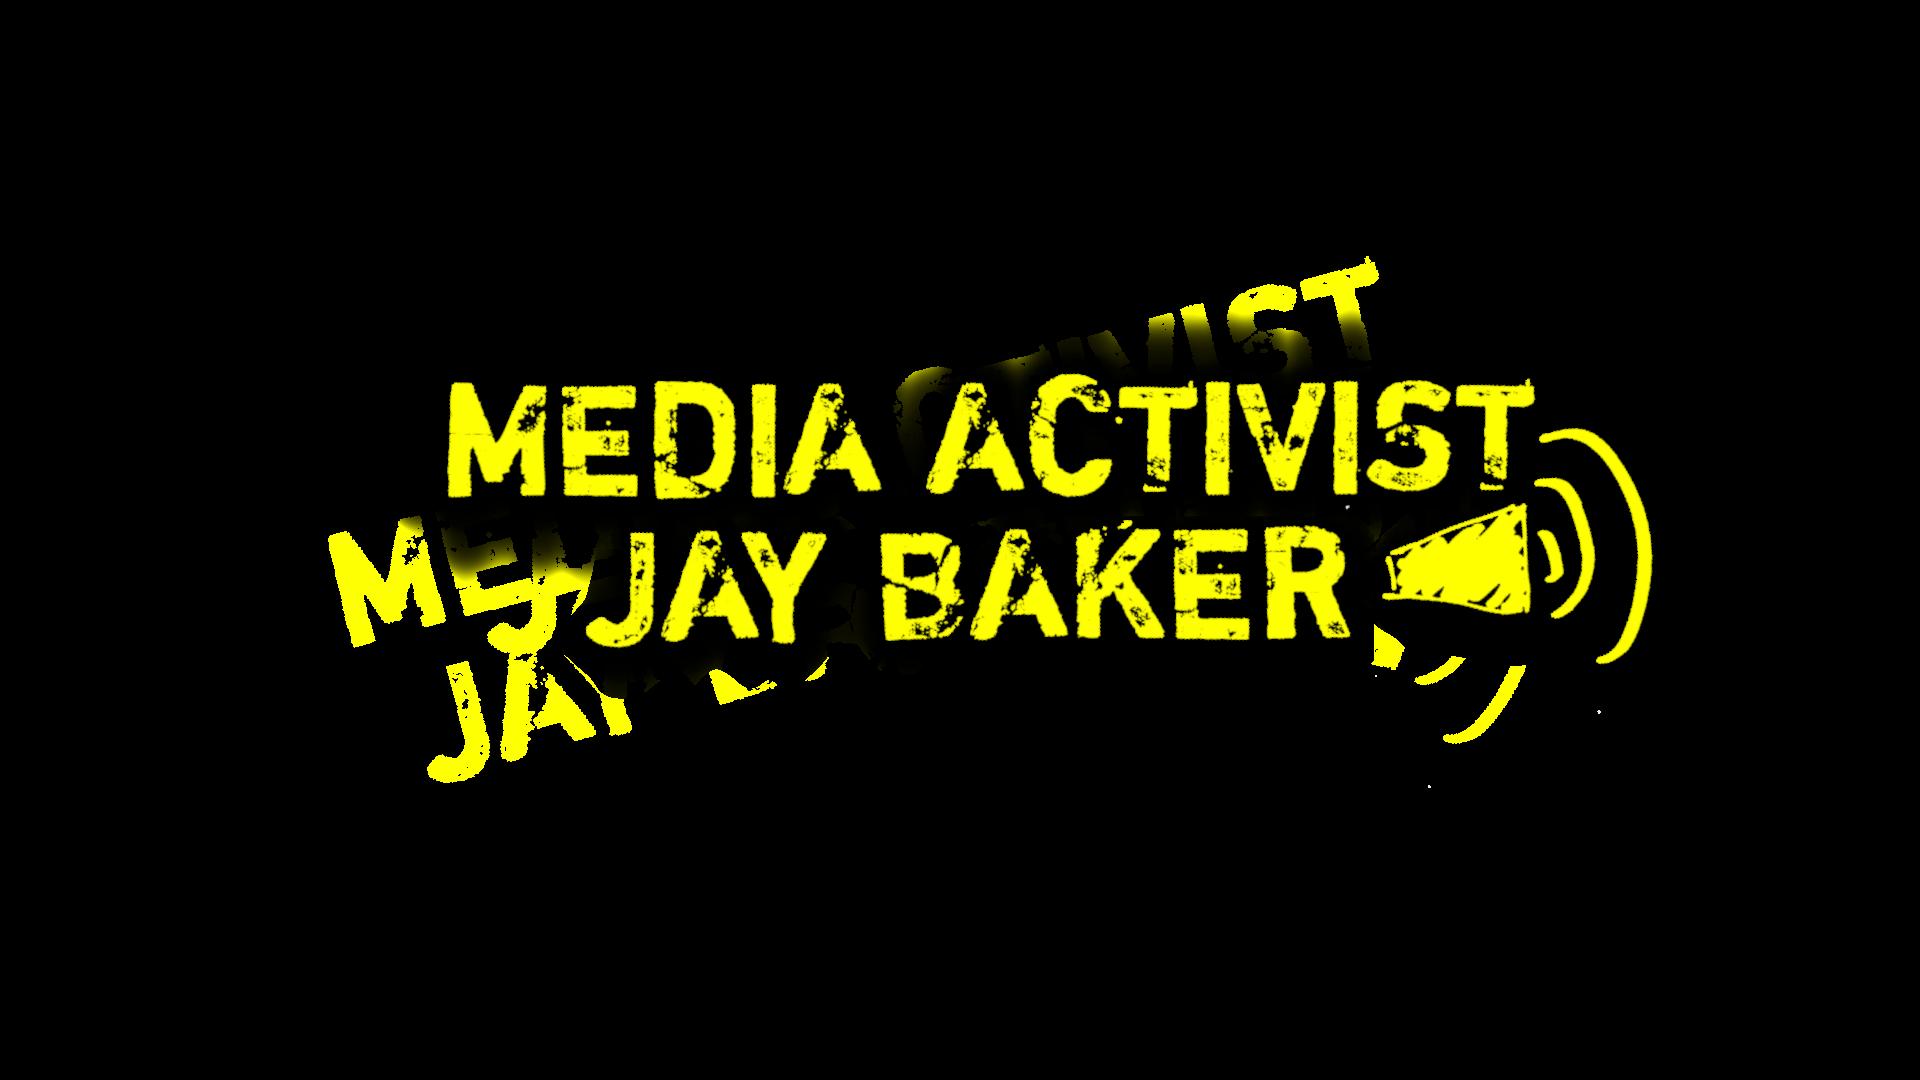 MediaActivist.com